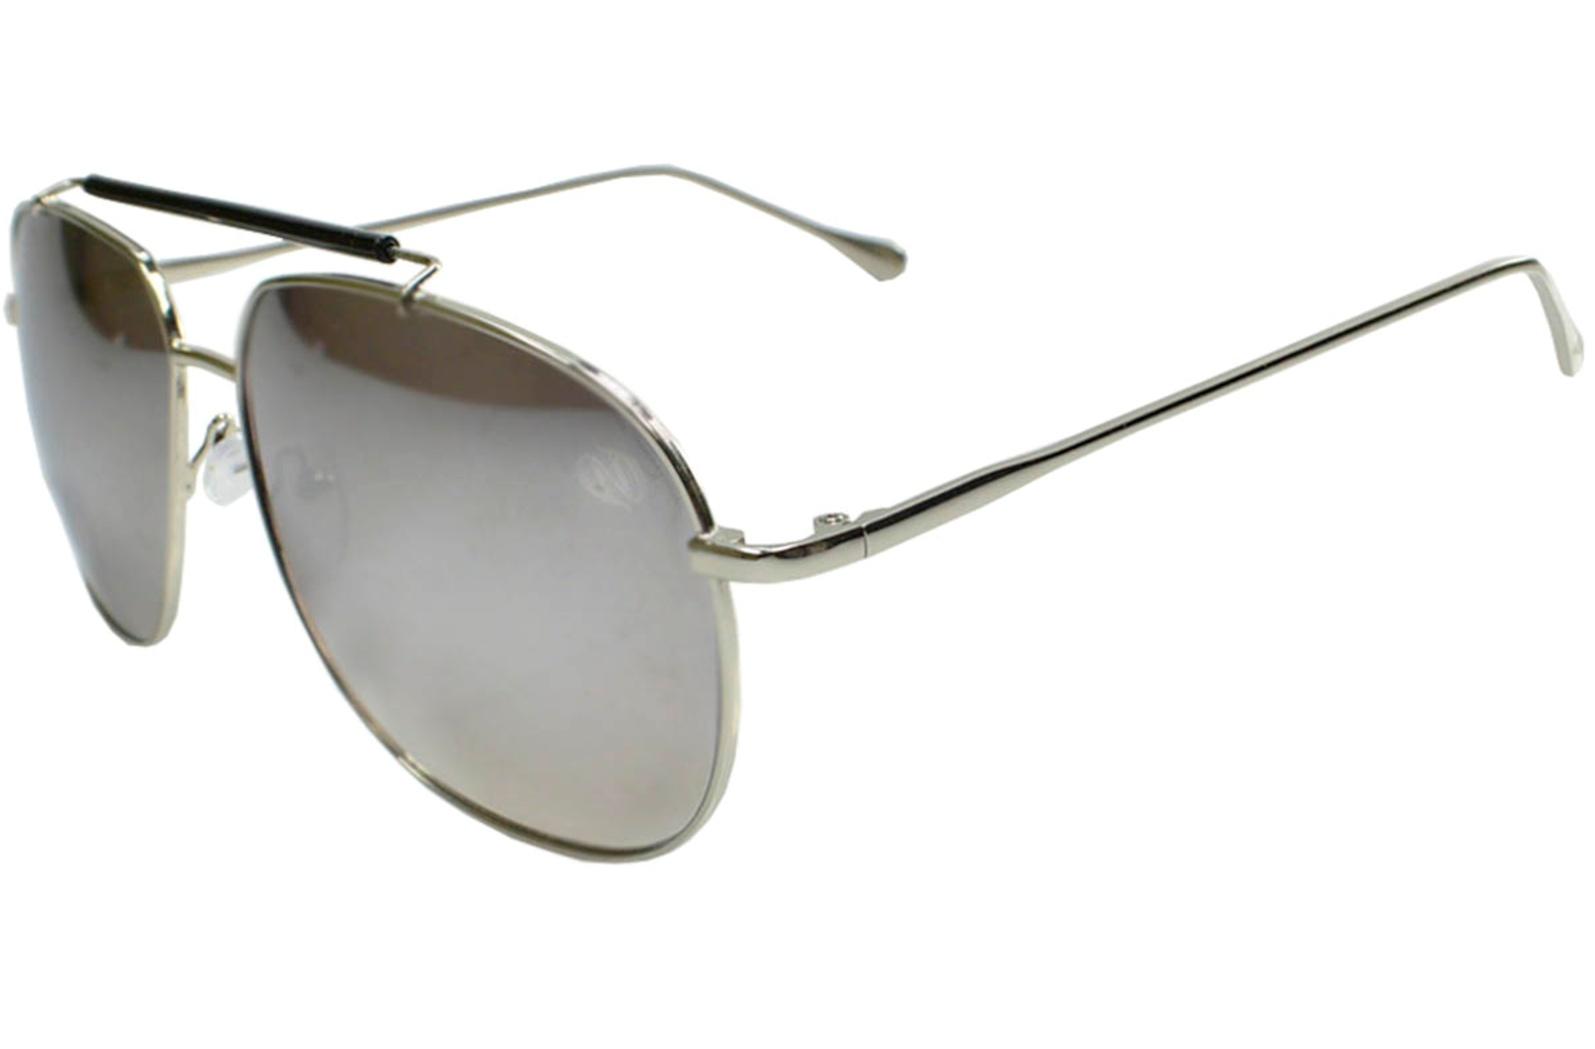 Óculos De Sol Tilit Masculino Metal Caçador - Prata - Único